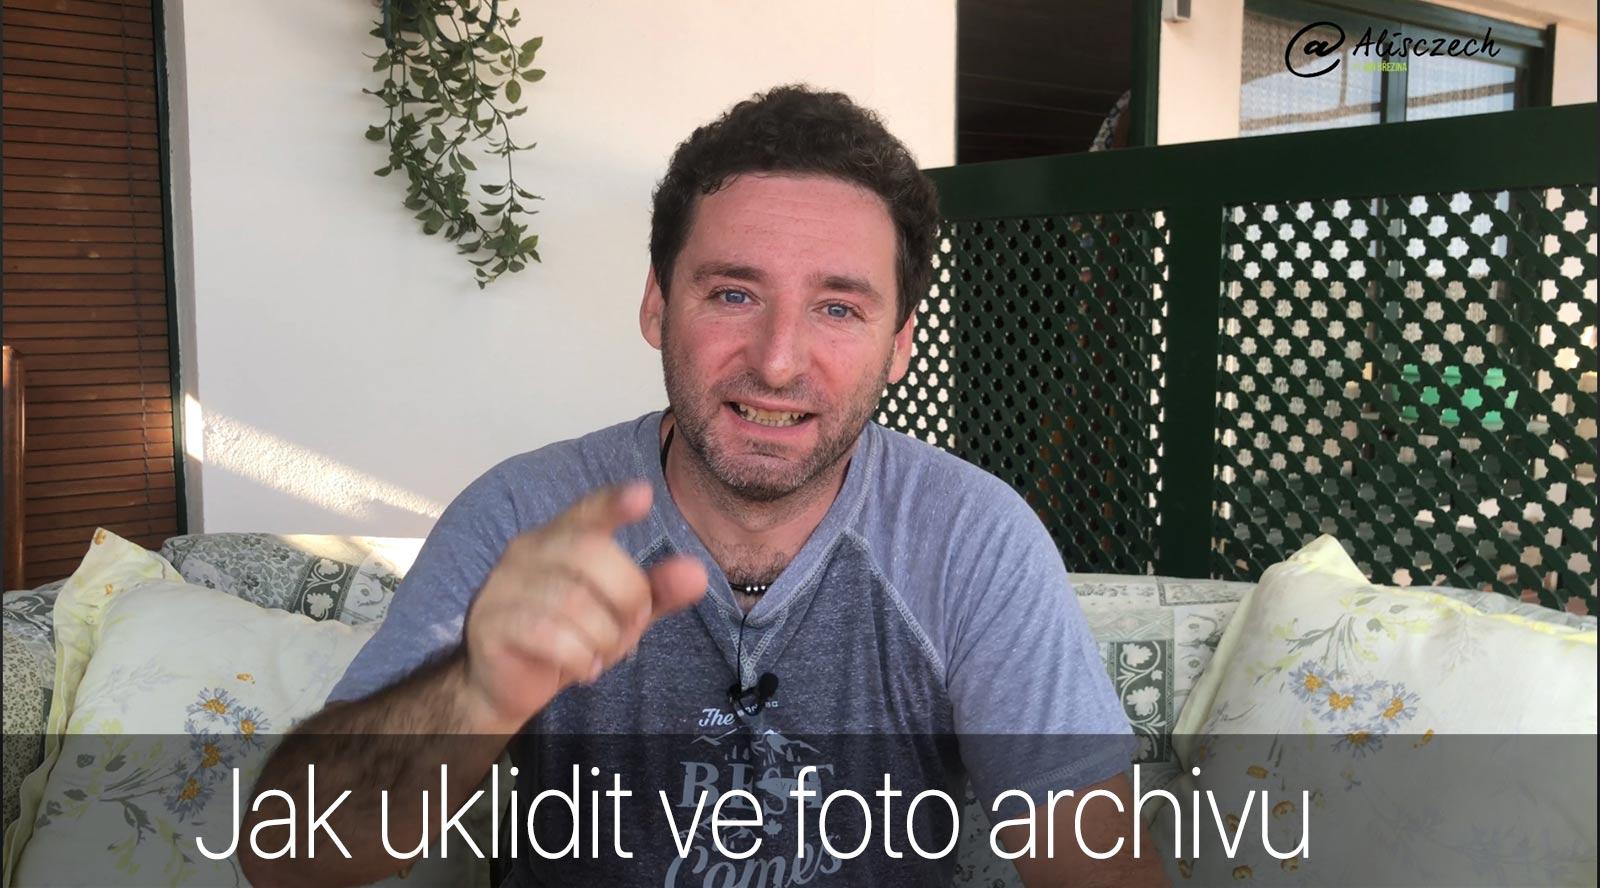 Jak udělat pořádek ve foto archivu (Alisczech vol. 118)